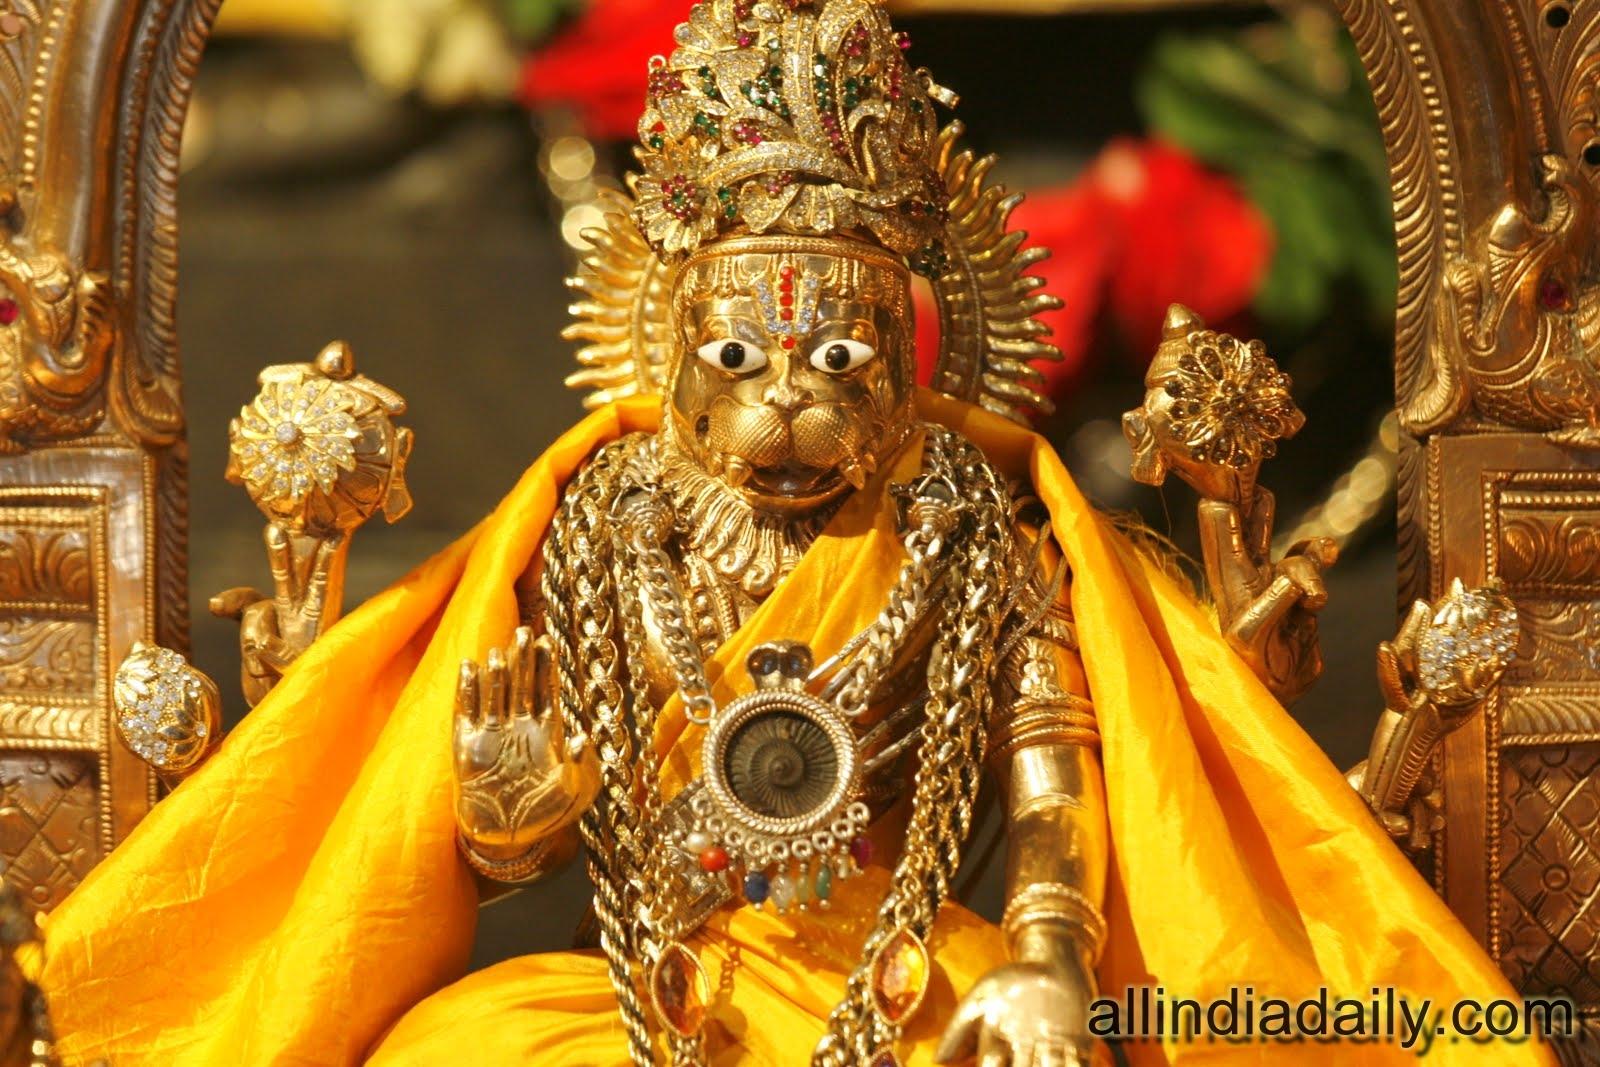 narasimha swami